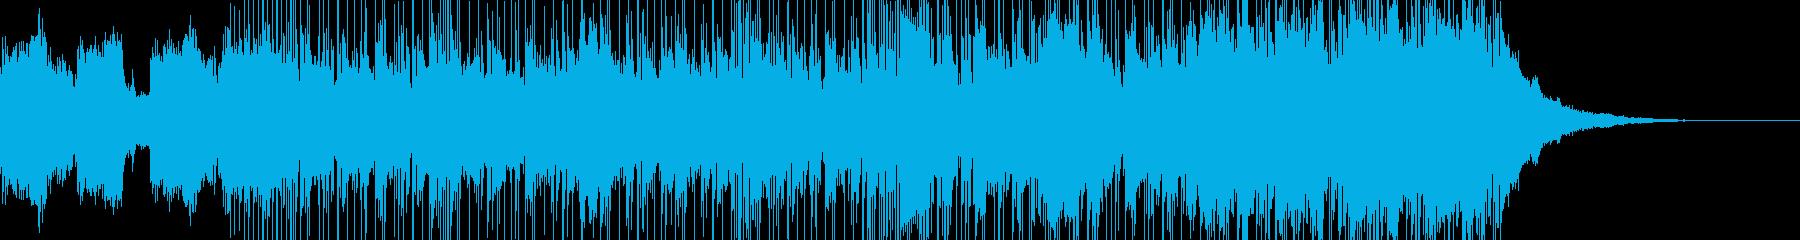 尺八やシタールなど和風なファンタジーの再生済みの波形